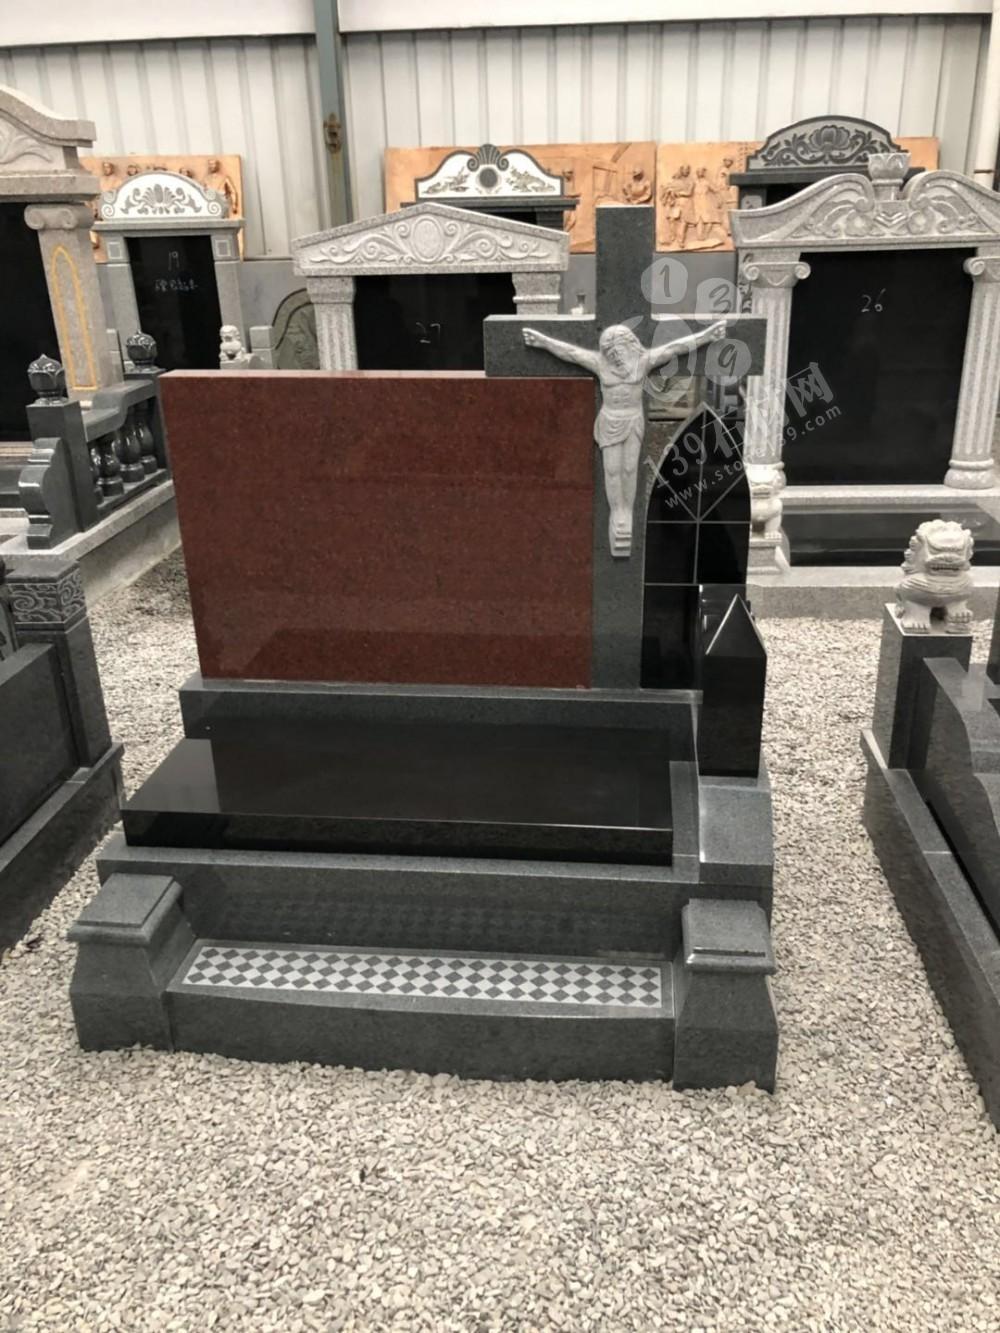 东莞石材批发墓碑 中国东莞石材批发墓碑加工厂的选材及加工流程